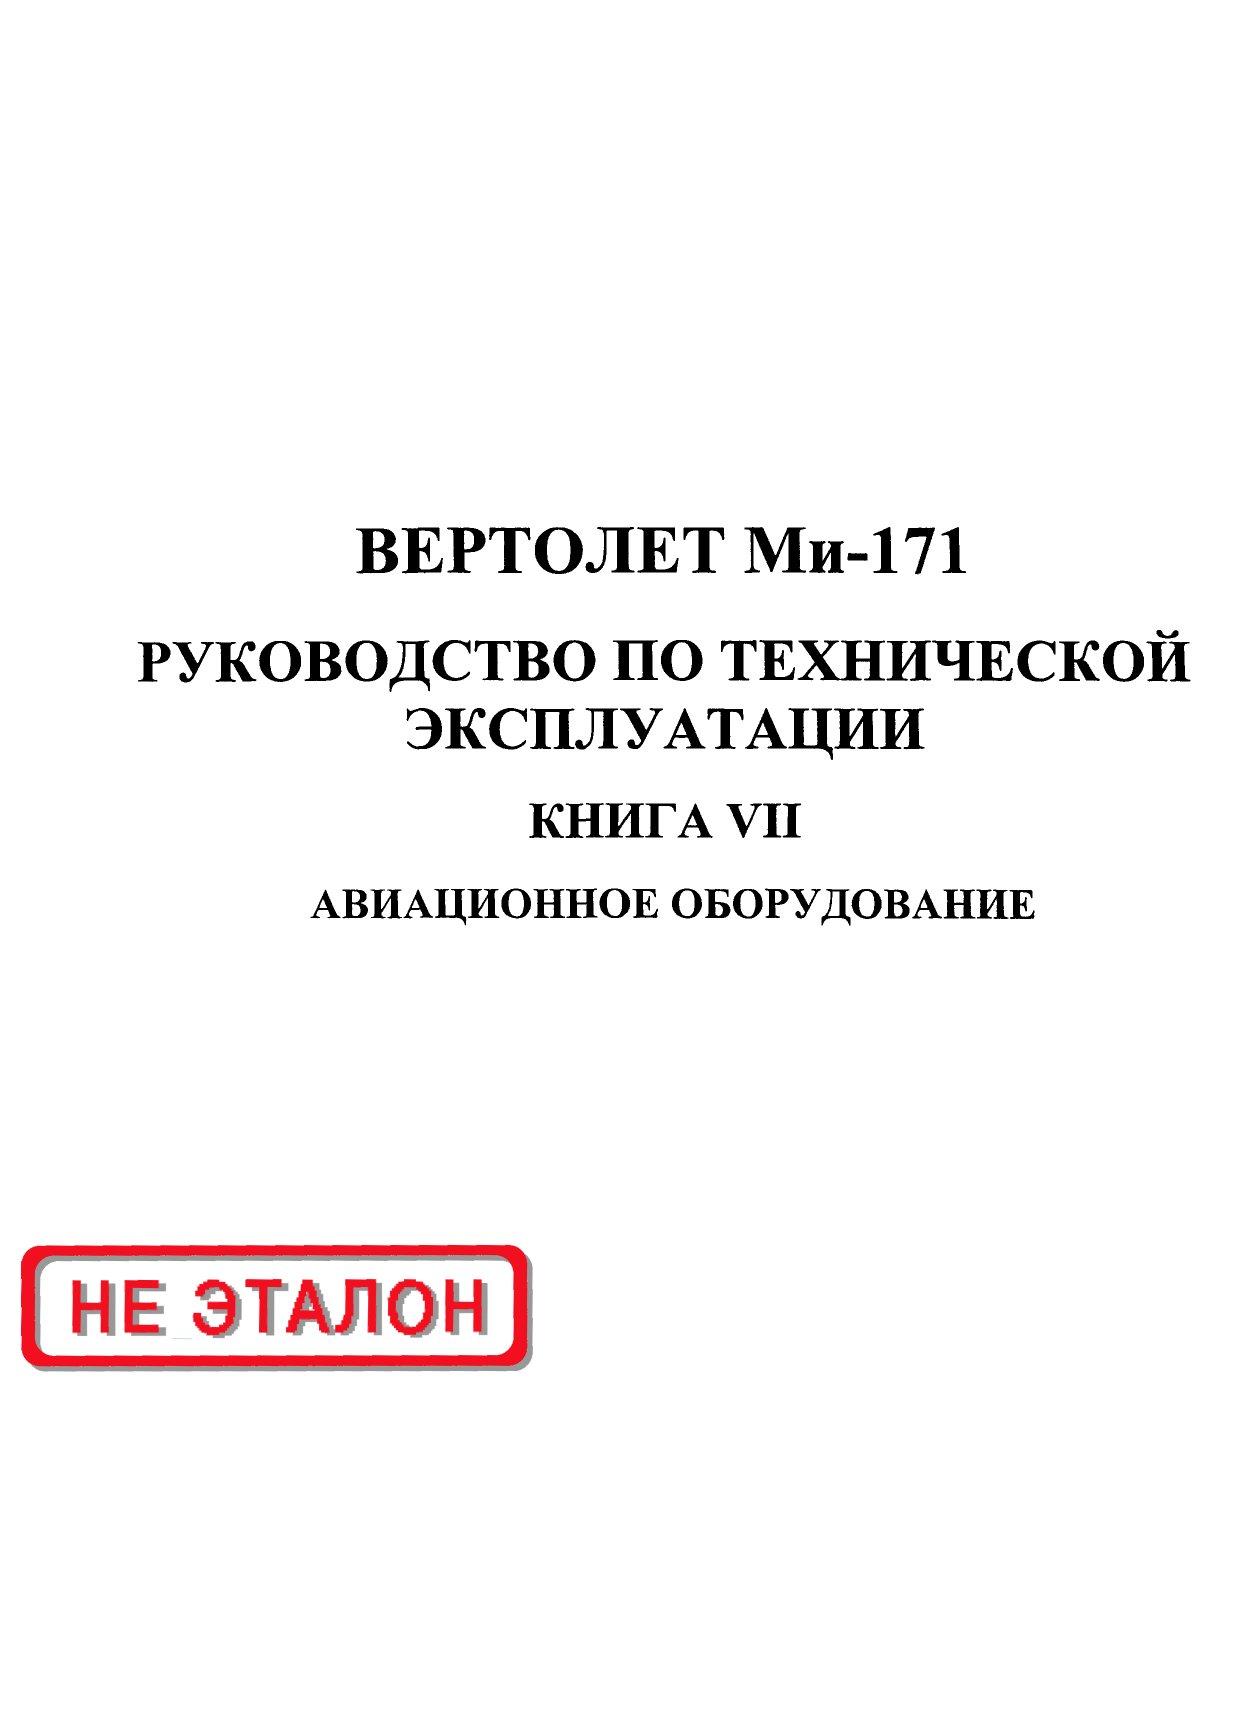 Ми-171. Авиационное оборудование (Книга 7)